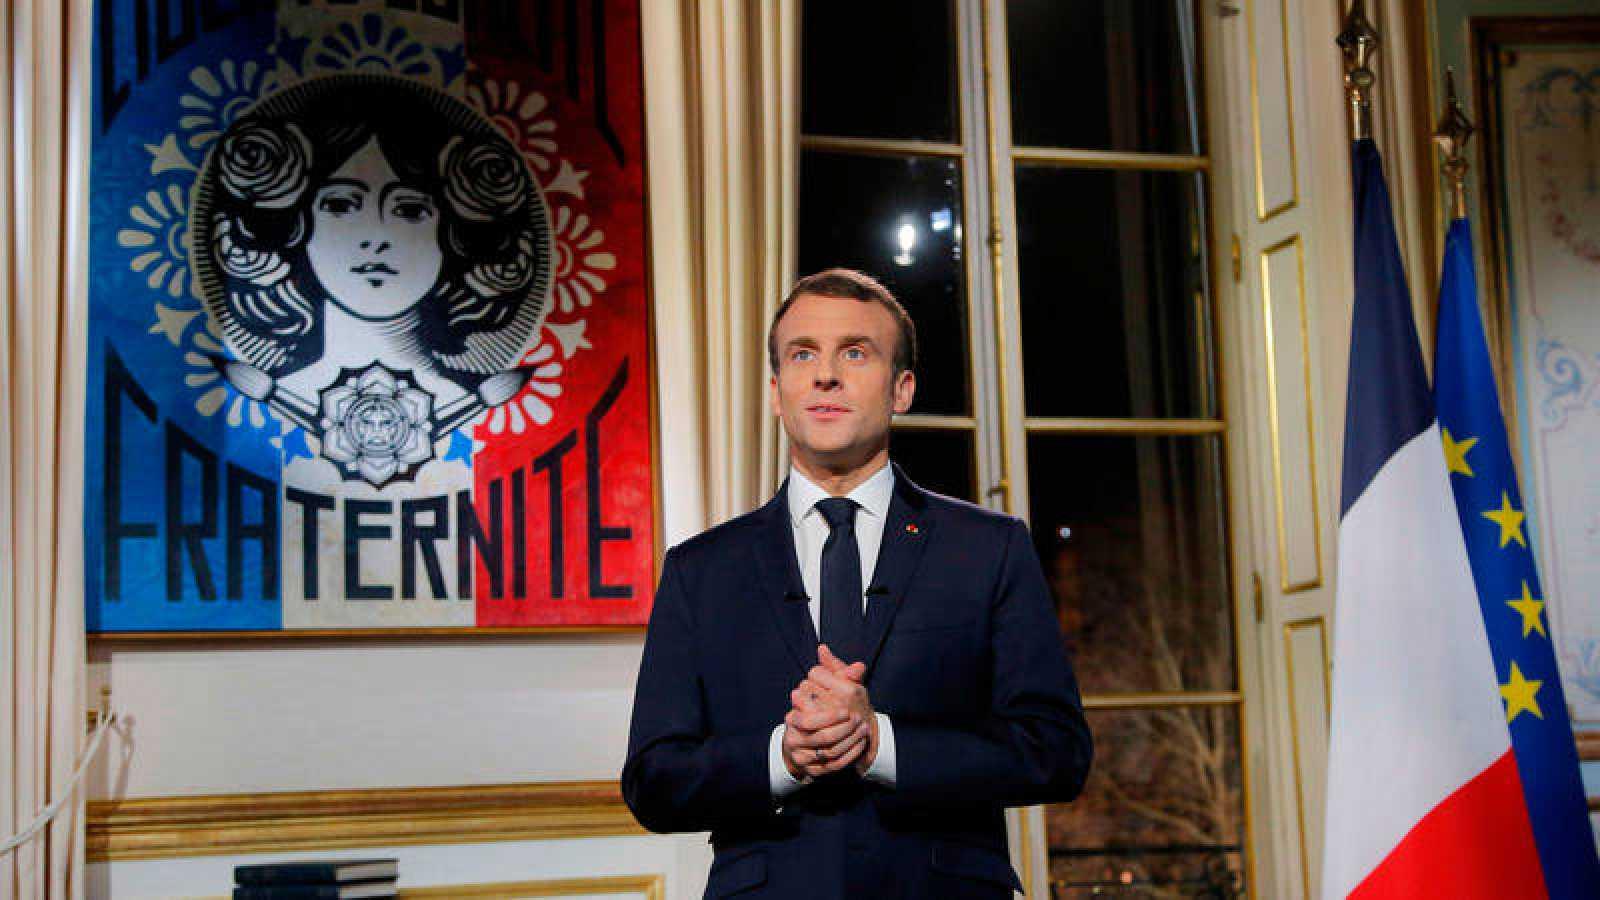 El presidente de Francia, Emmanuel Macron, en su discurso de fin de año